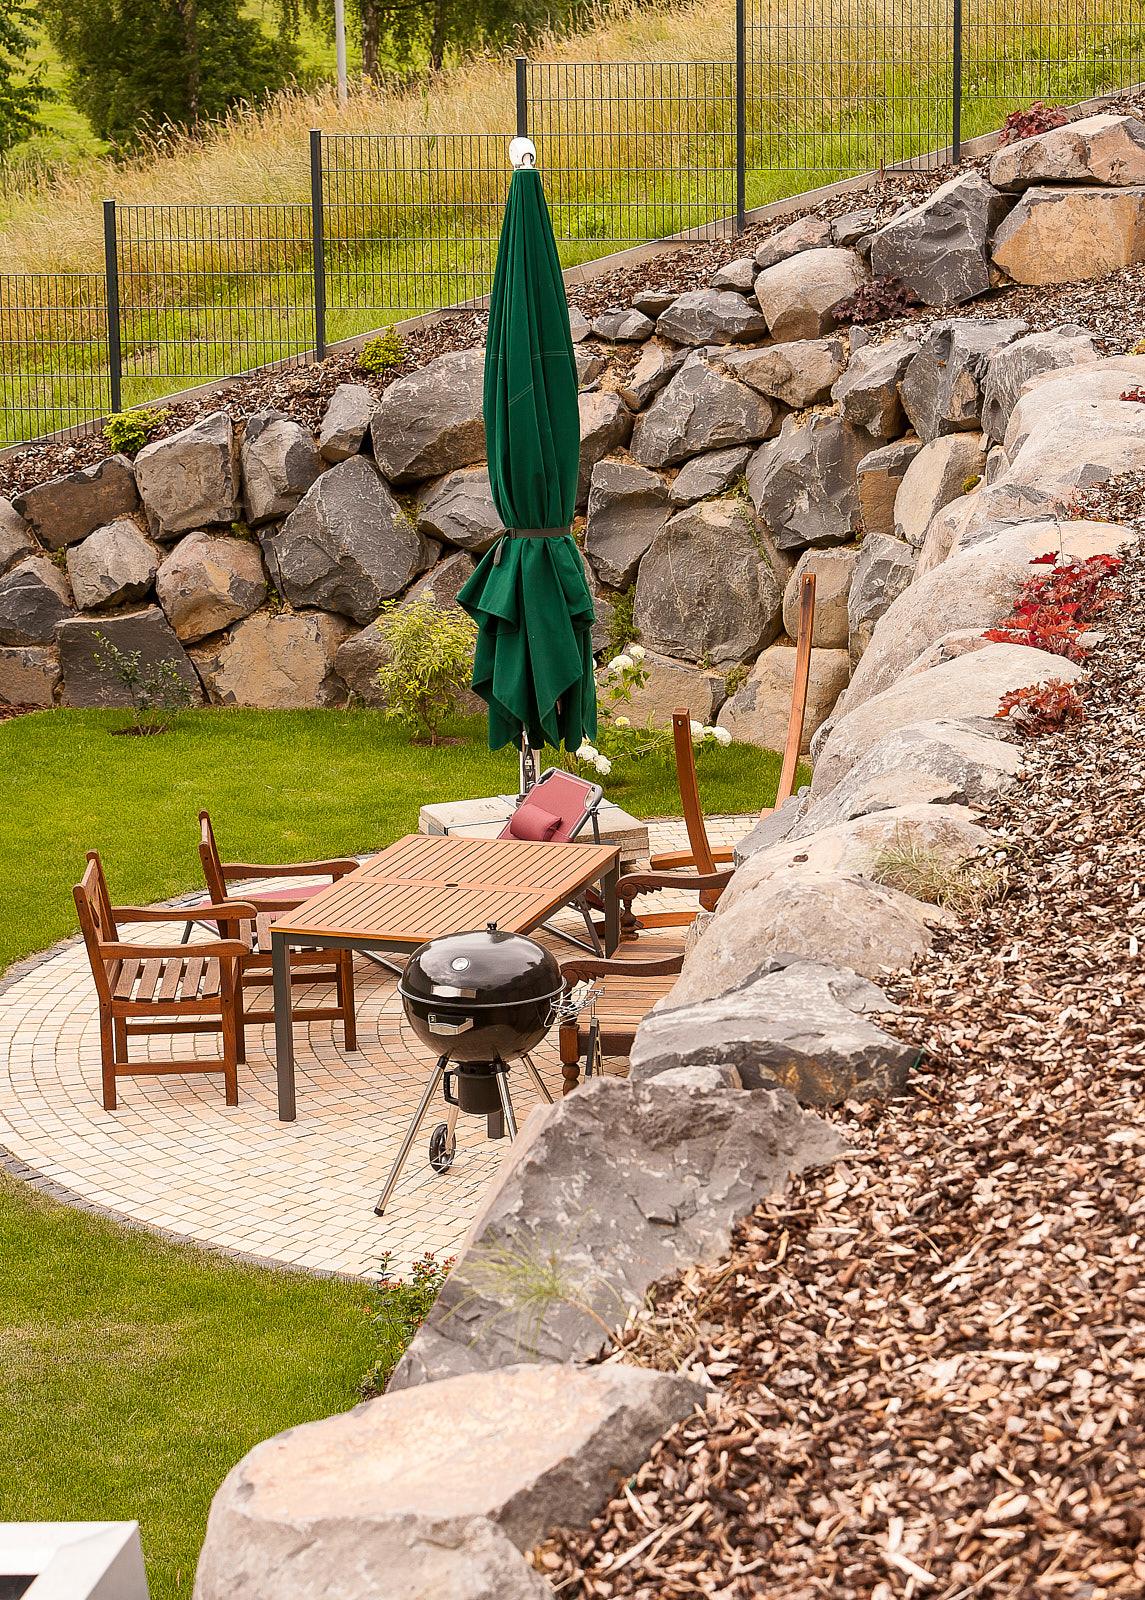 Malerisch Sitzplatz Garten Referenz Von 180623 34 Niederneisen Hang Fels